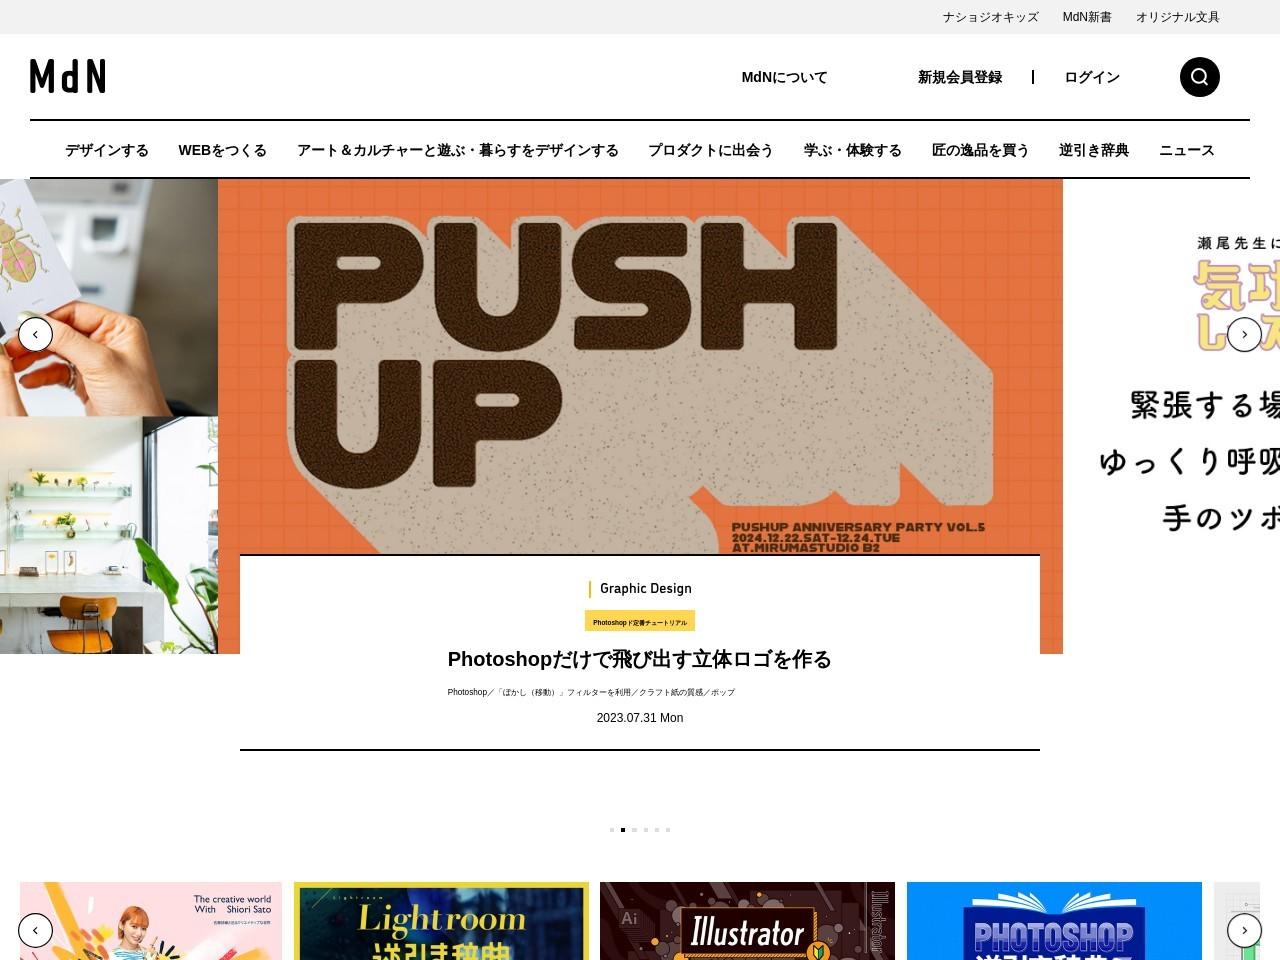 寝たまま親指で空中マウス操作ができる「リングマウス2」発売。電池交換不要のUSB充電式 – MdN Design Interactive – デザインとグラフィックの総合情報サイト